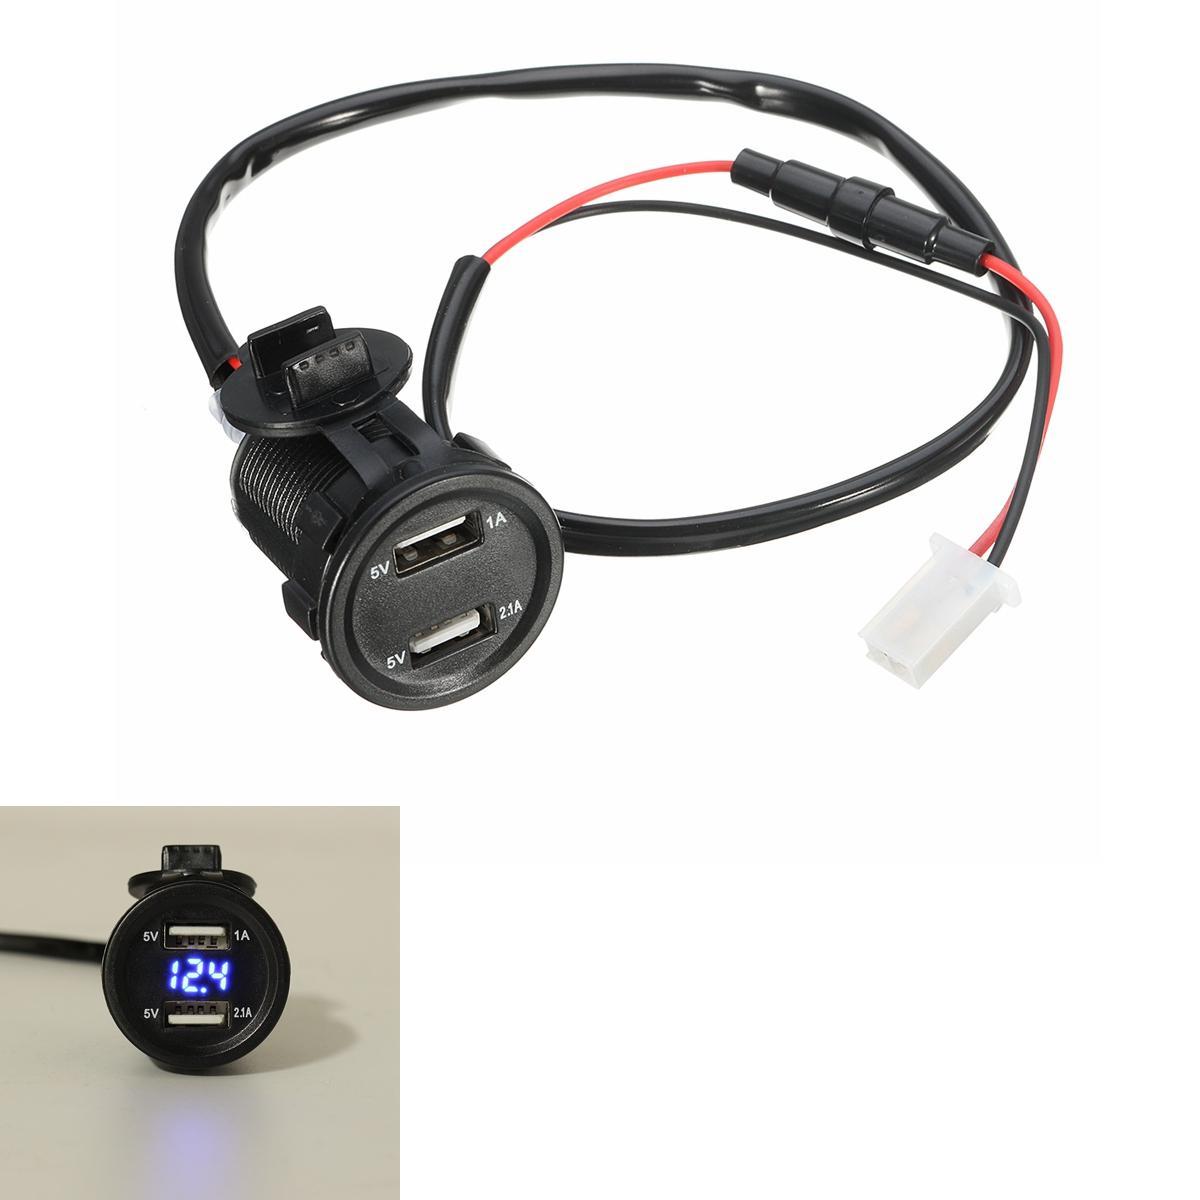 12V 2.1A 1A Dual Usb Charger Socket Voltage Volt Meter Led Light For Car Motorcycle